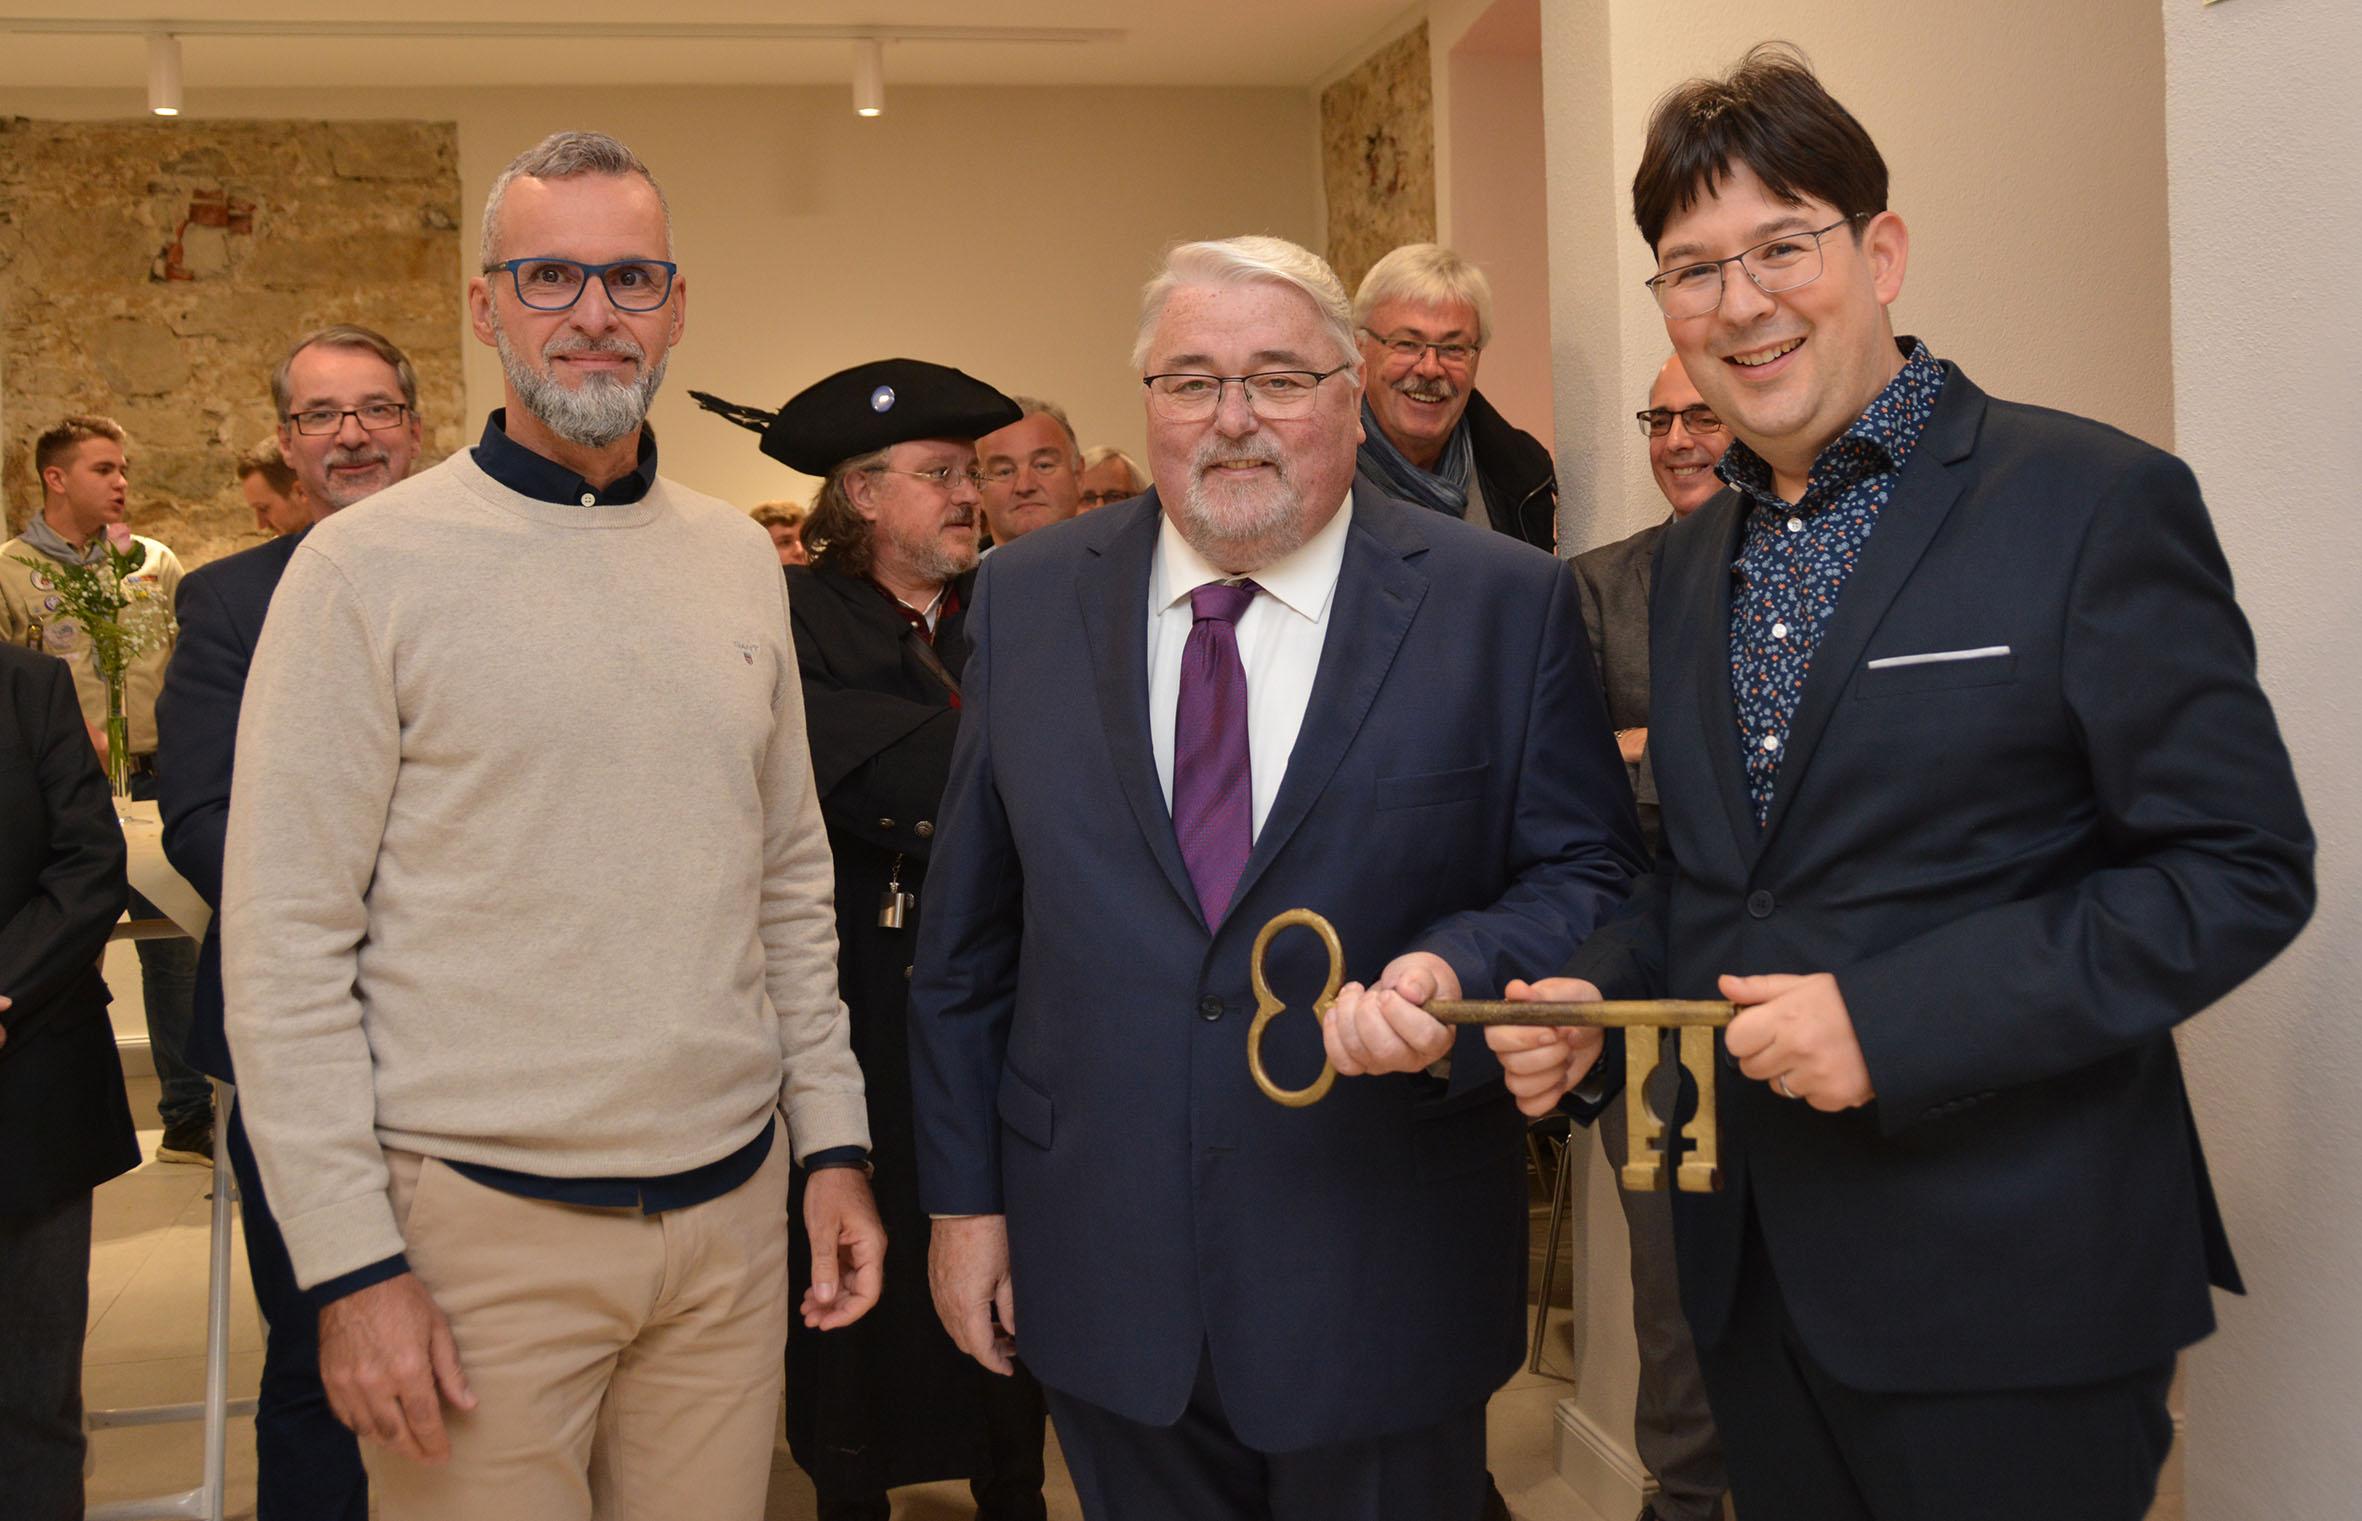 Der Neuwieder Architekt Ralph Schulte übergab dem Engerser Ortsvorsteher Dieter Neckenig und Bürgermeister Michael Mang (von links) den Schlüssel für das grundsanierte alte Rathaus. Foto: Stadt Neuwied